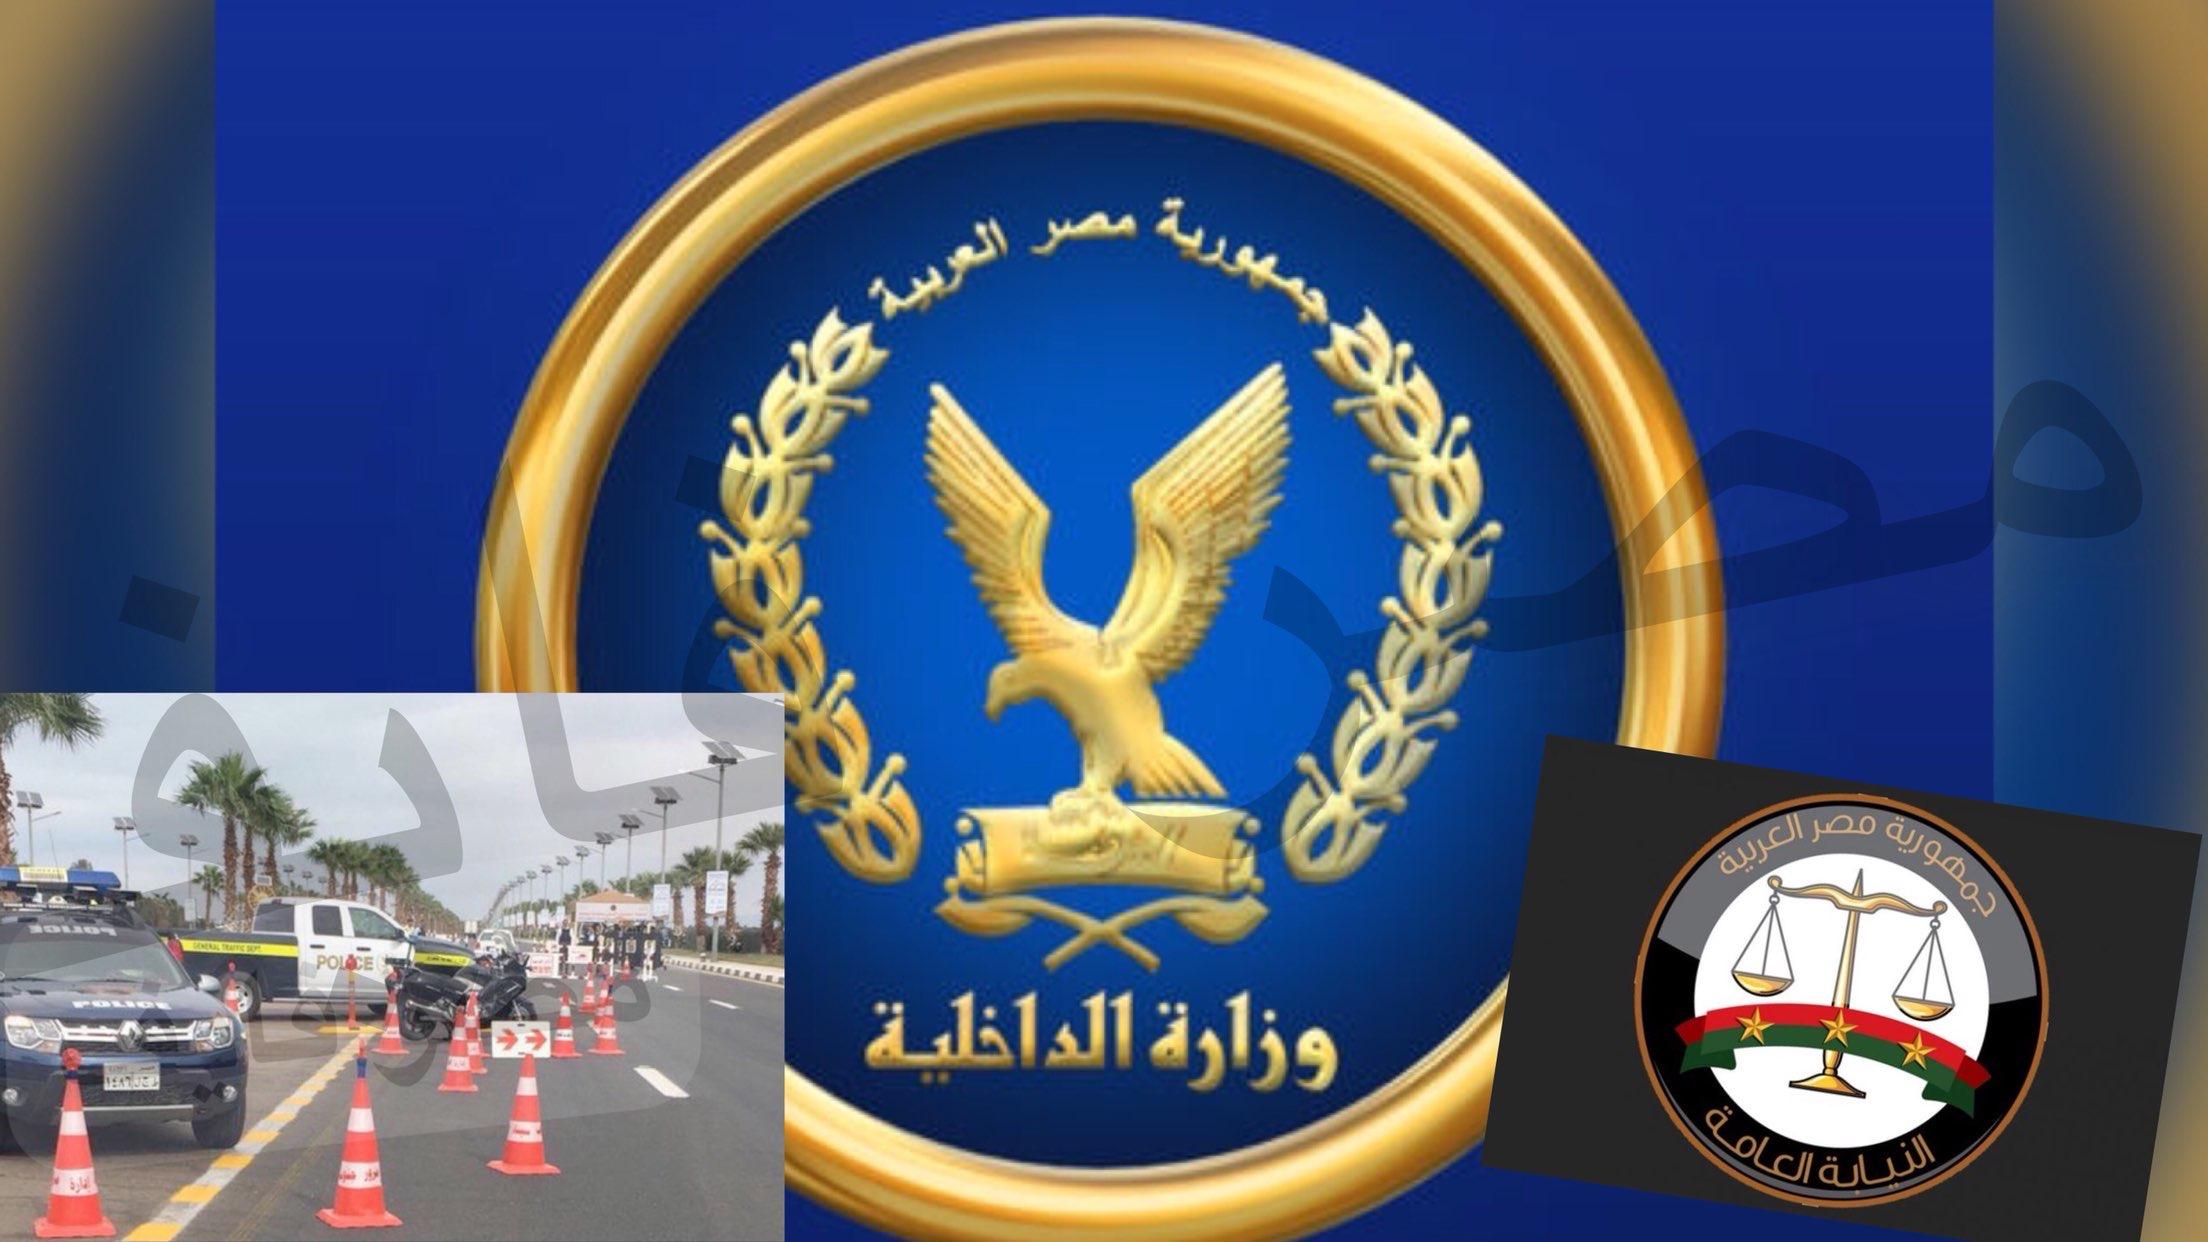 استعلام مخالفات المرور 2021 برقم اللوحة عبر تطبيق وزارة الداخلية